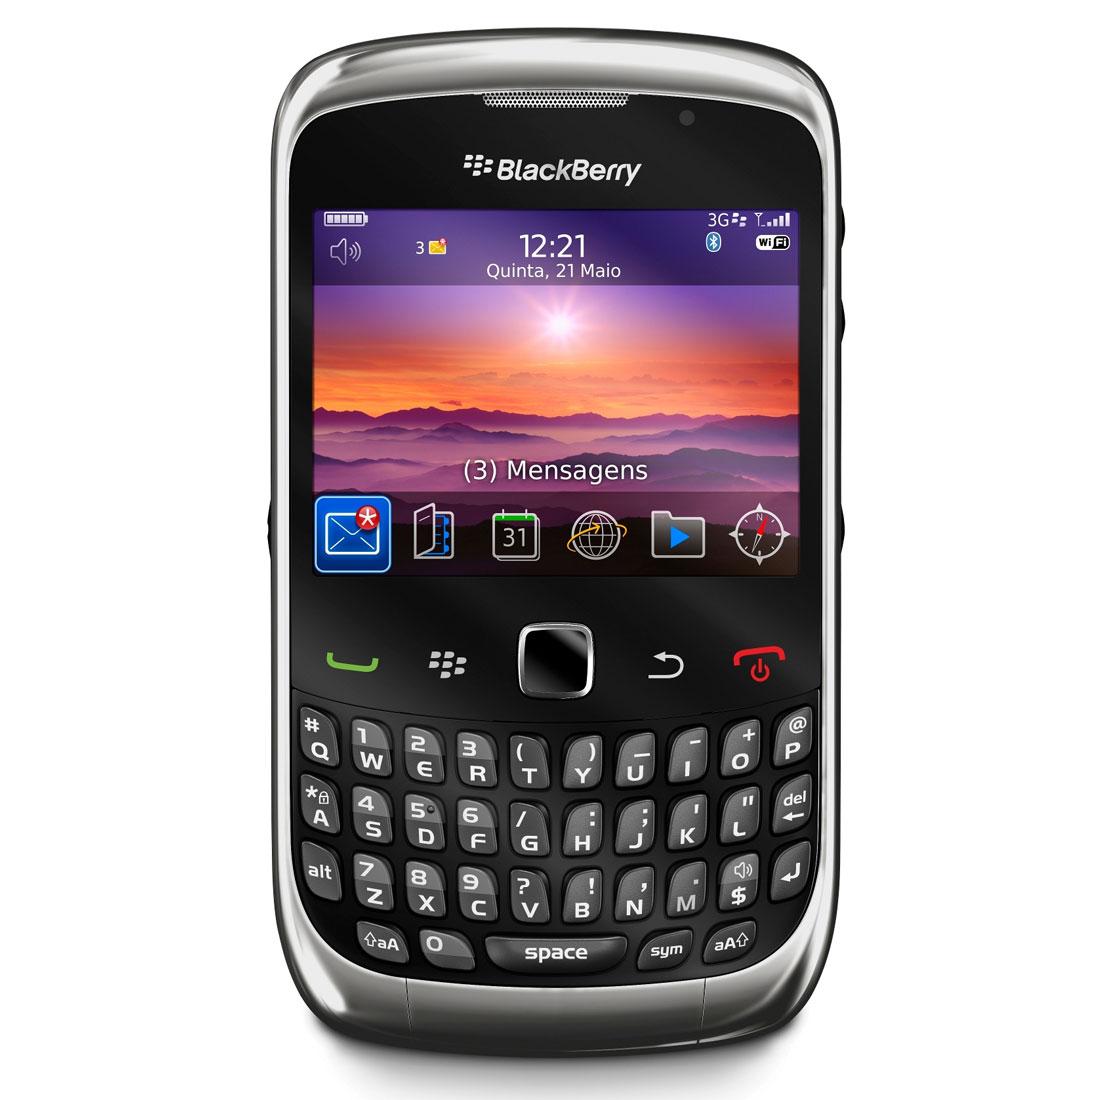 http://3.bp.blogspot.com/-u-DqkU6kWZo/Tecus_rqN5I/AAAAAAAAAS8/5KaNw3uxn84/s1600/BlackBerry-Curve%209300-30-3.jpg